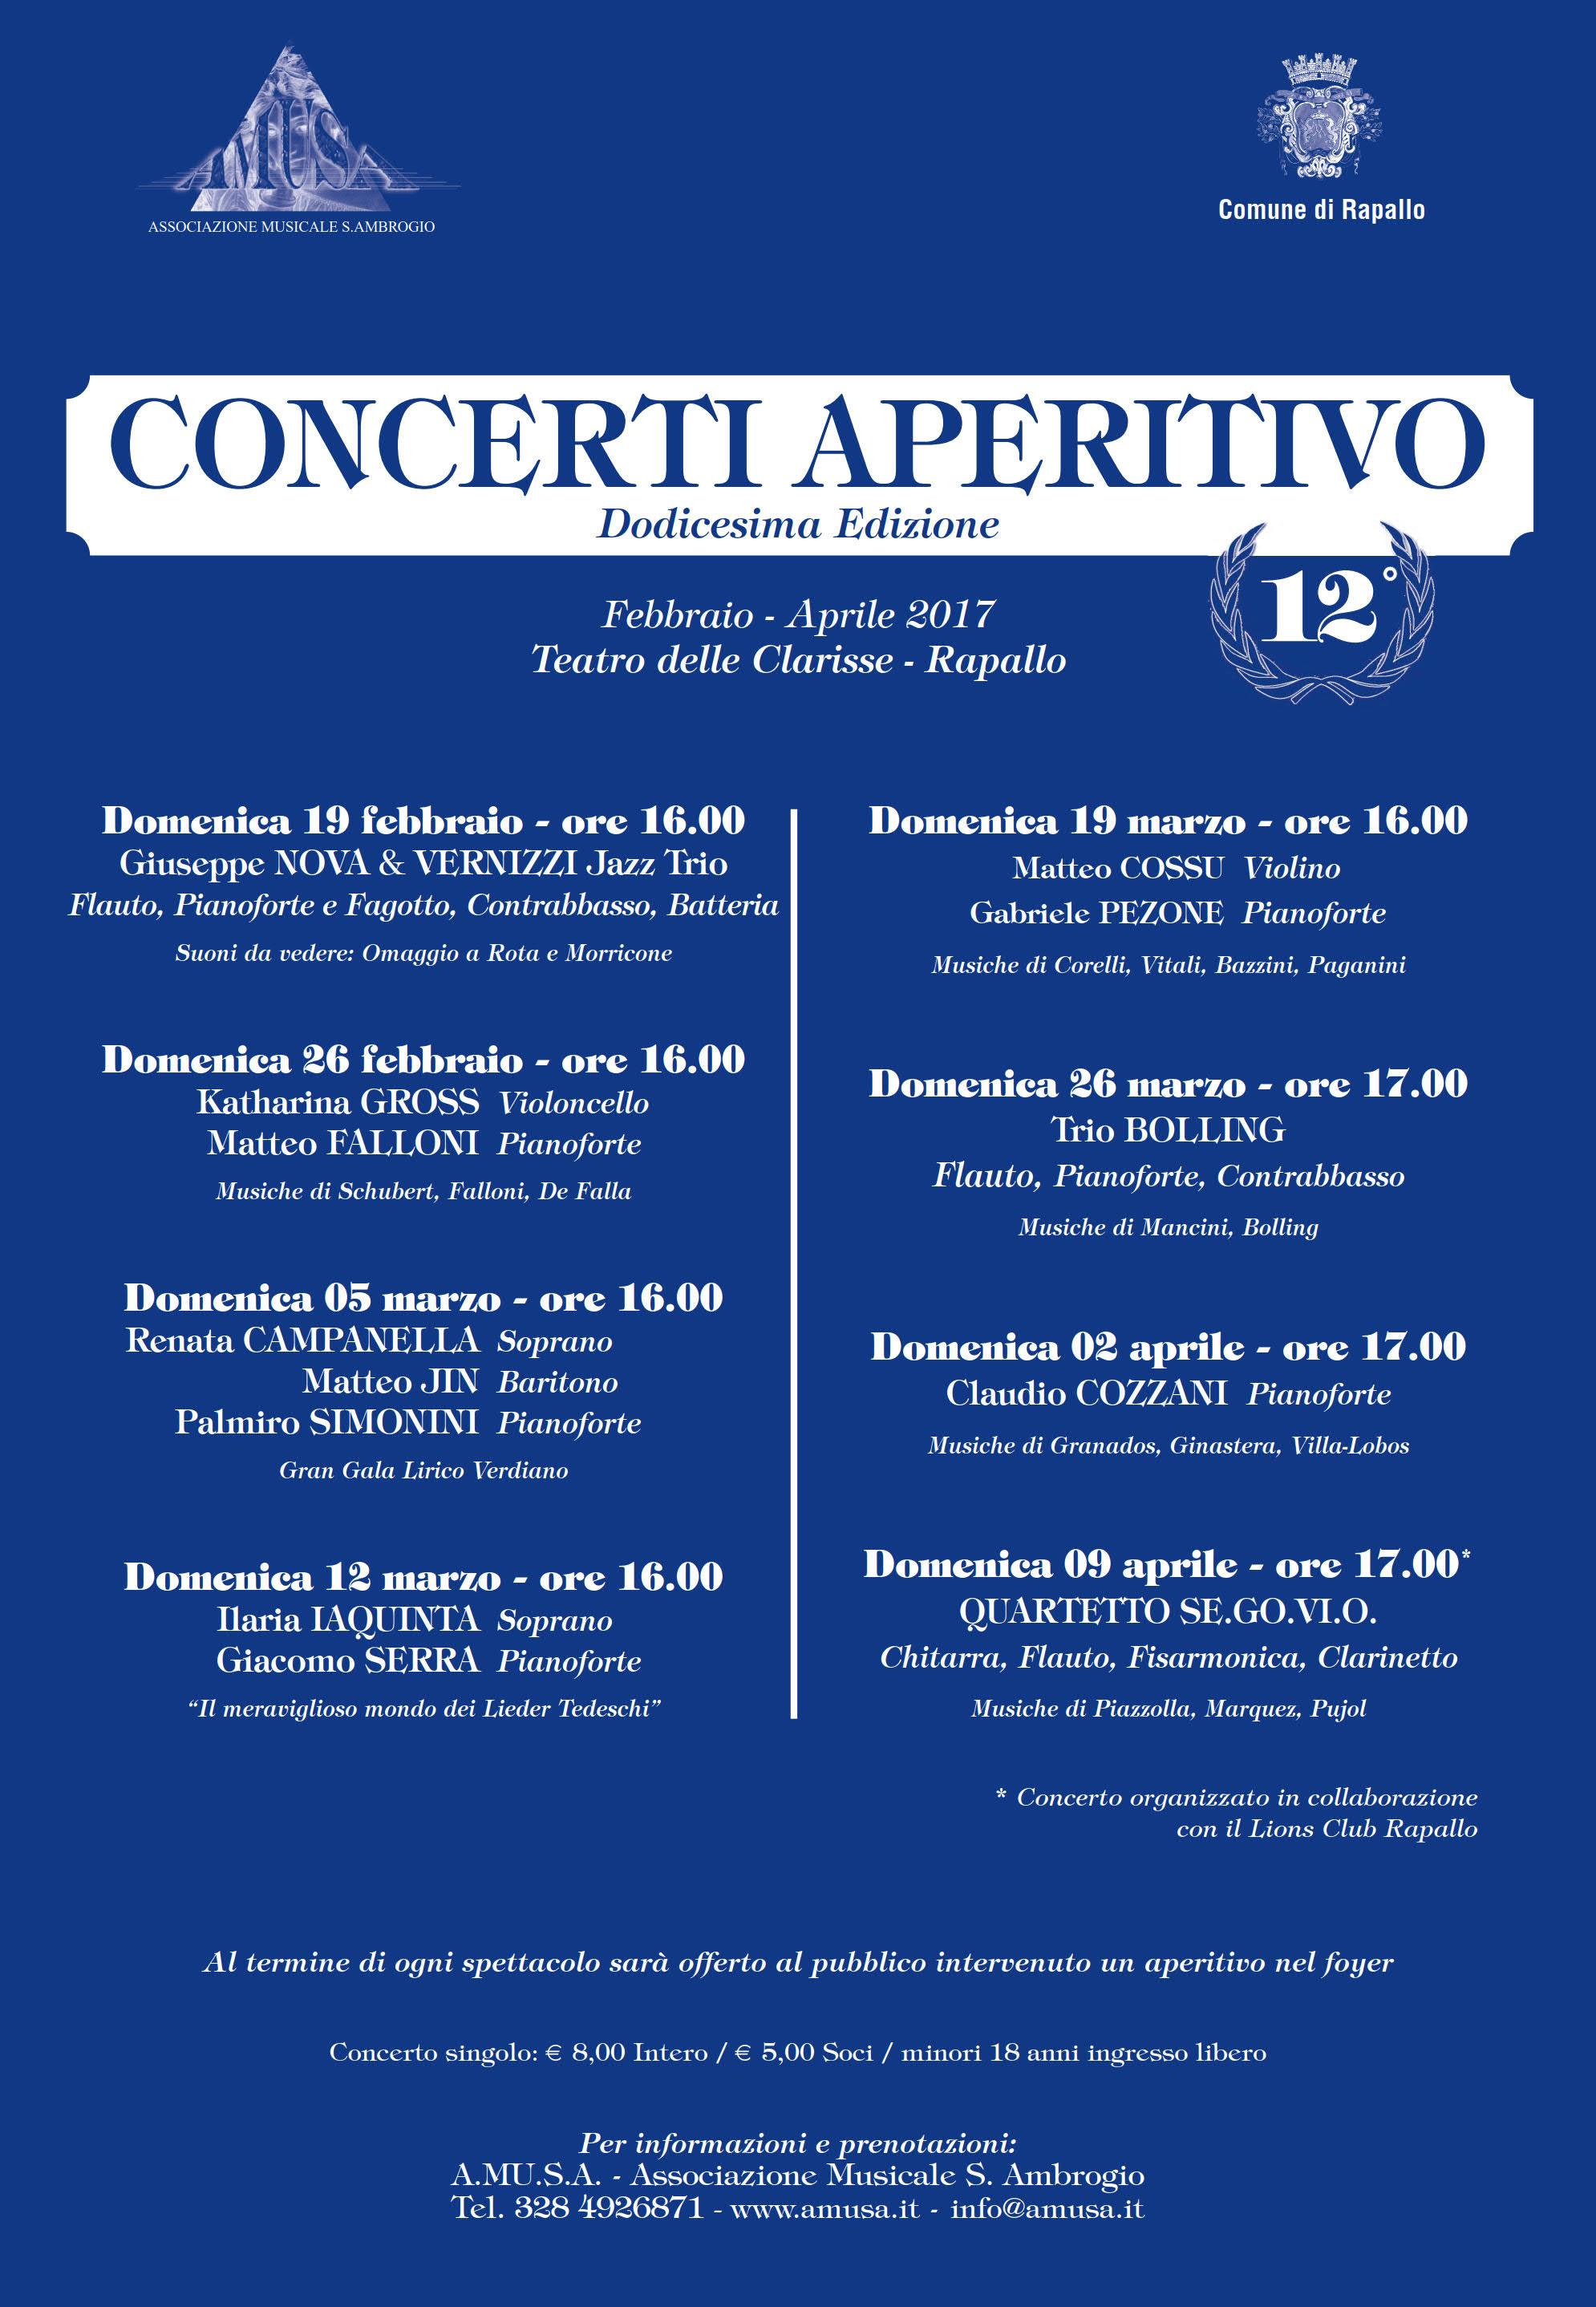 CONCERTI APERITIVO - XII edizione